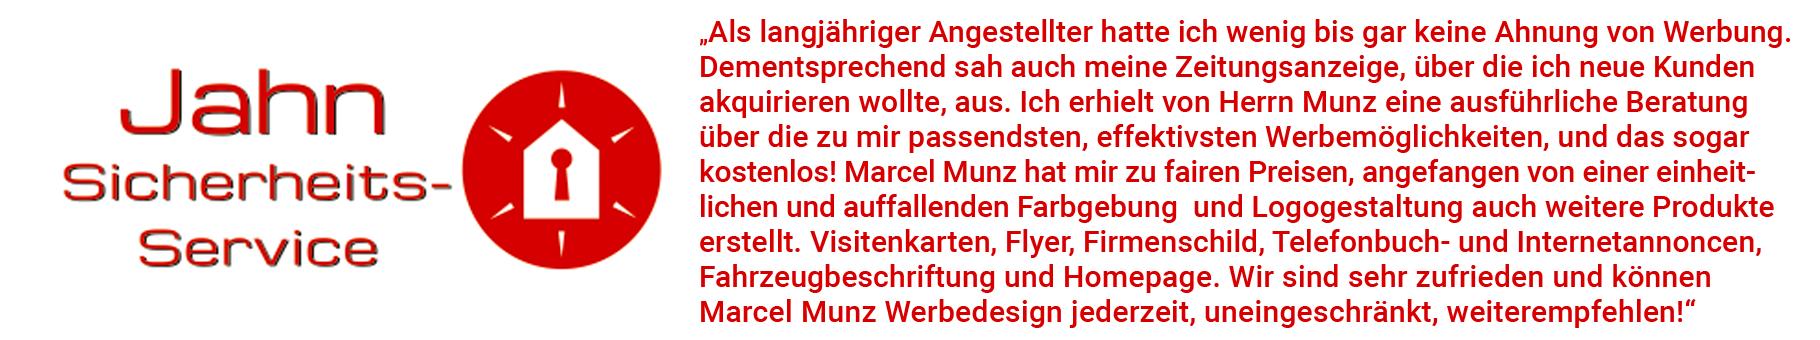 Referenz, Martin Jahn Sicherheits-Systeme, Schorndorf